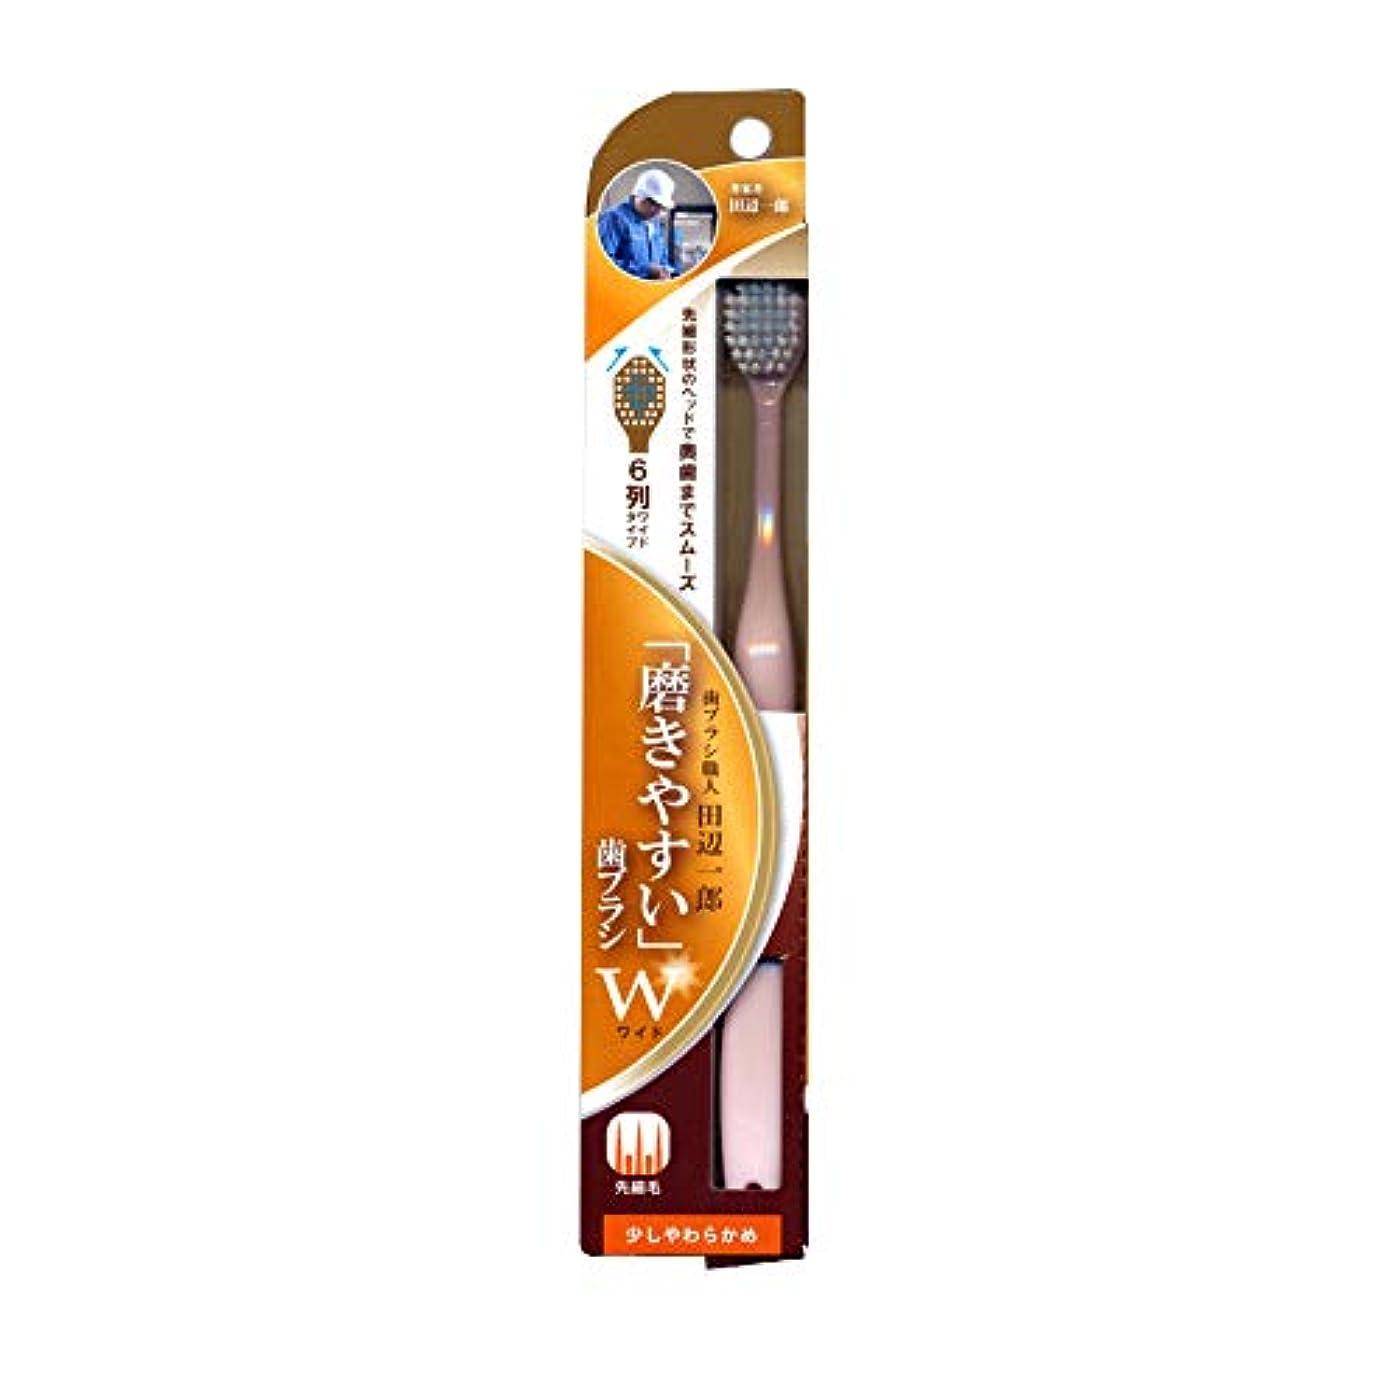 ごめんなさい提案する朝磨きやすい歯ブラシ 6列ワイドタイプ LT-46 少し柔らかめ (色選択不可)(先細毛)